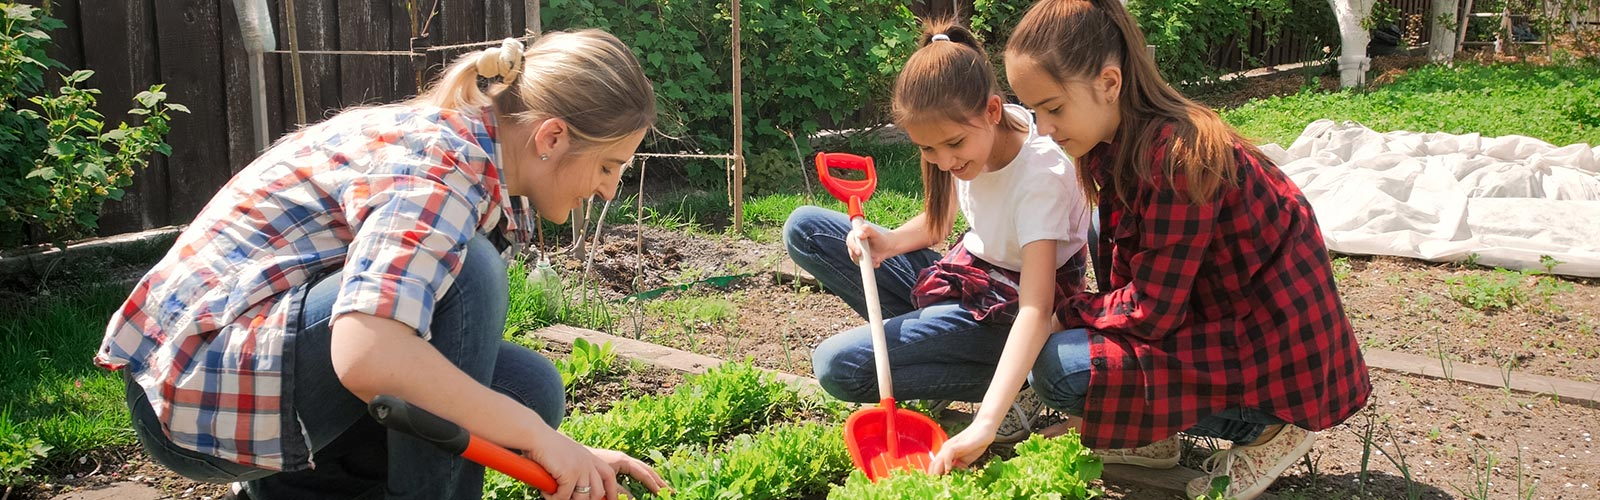 2 teens and women using shovels in garden